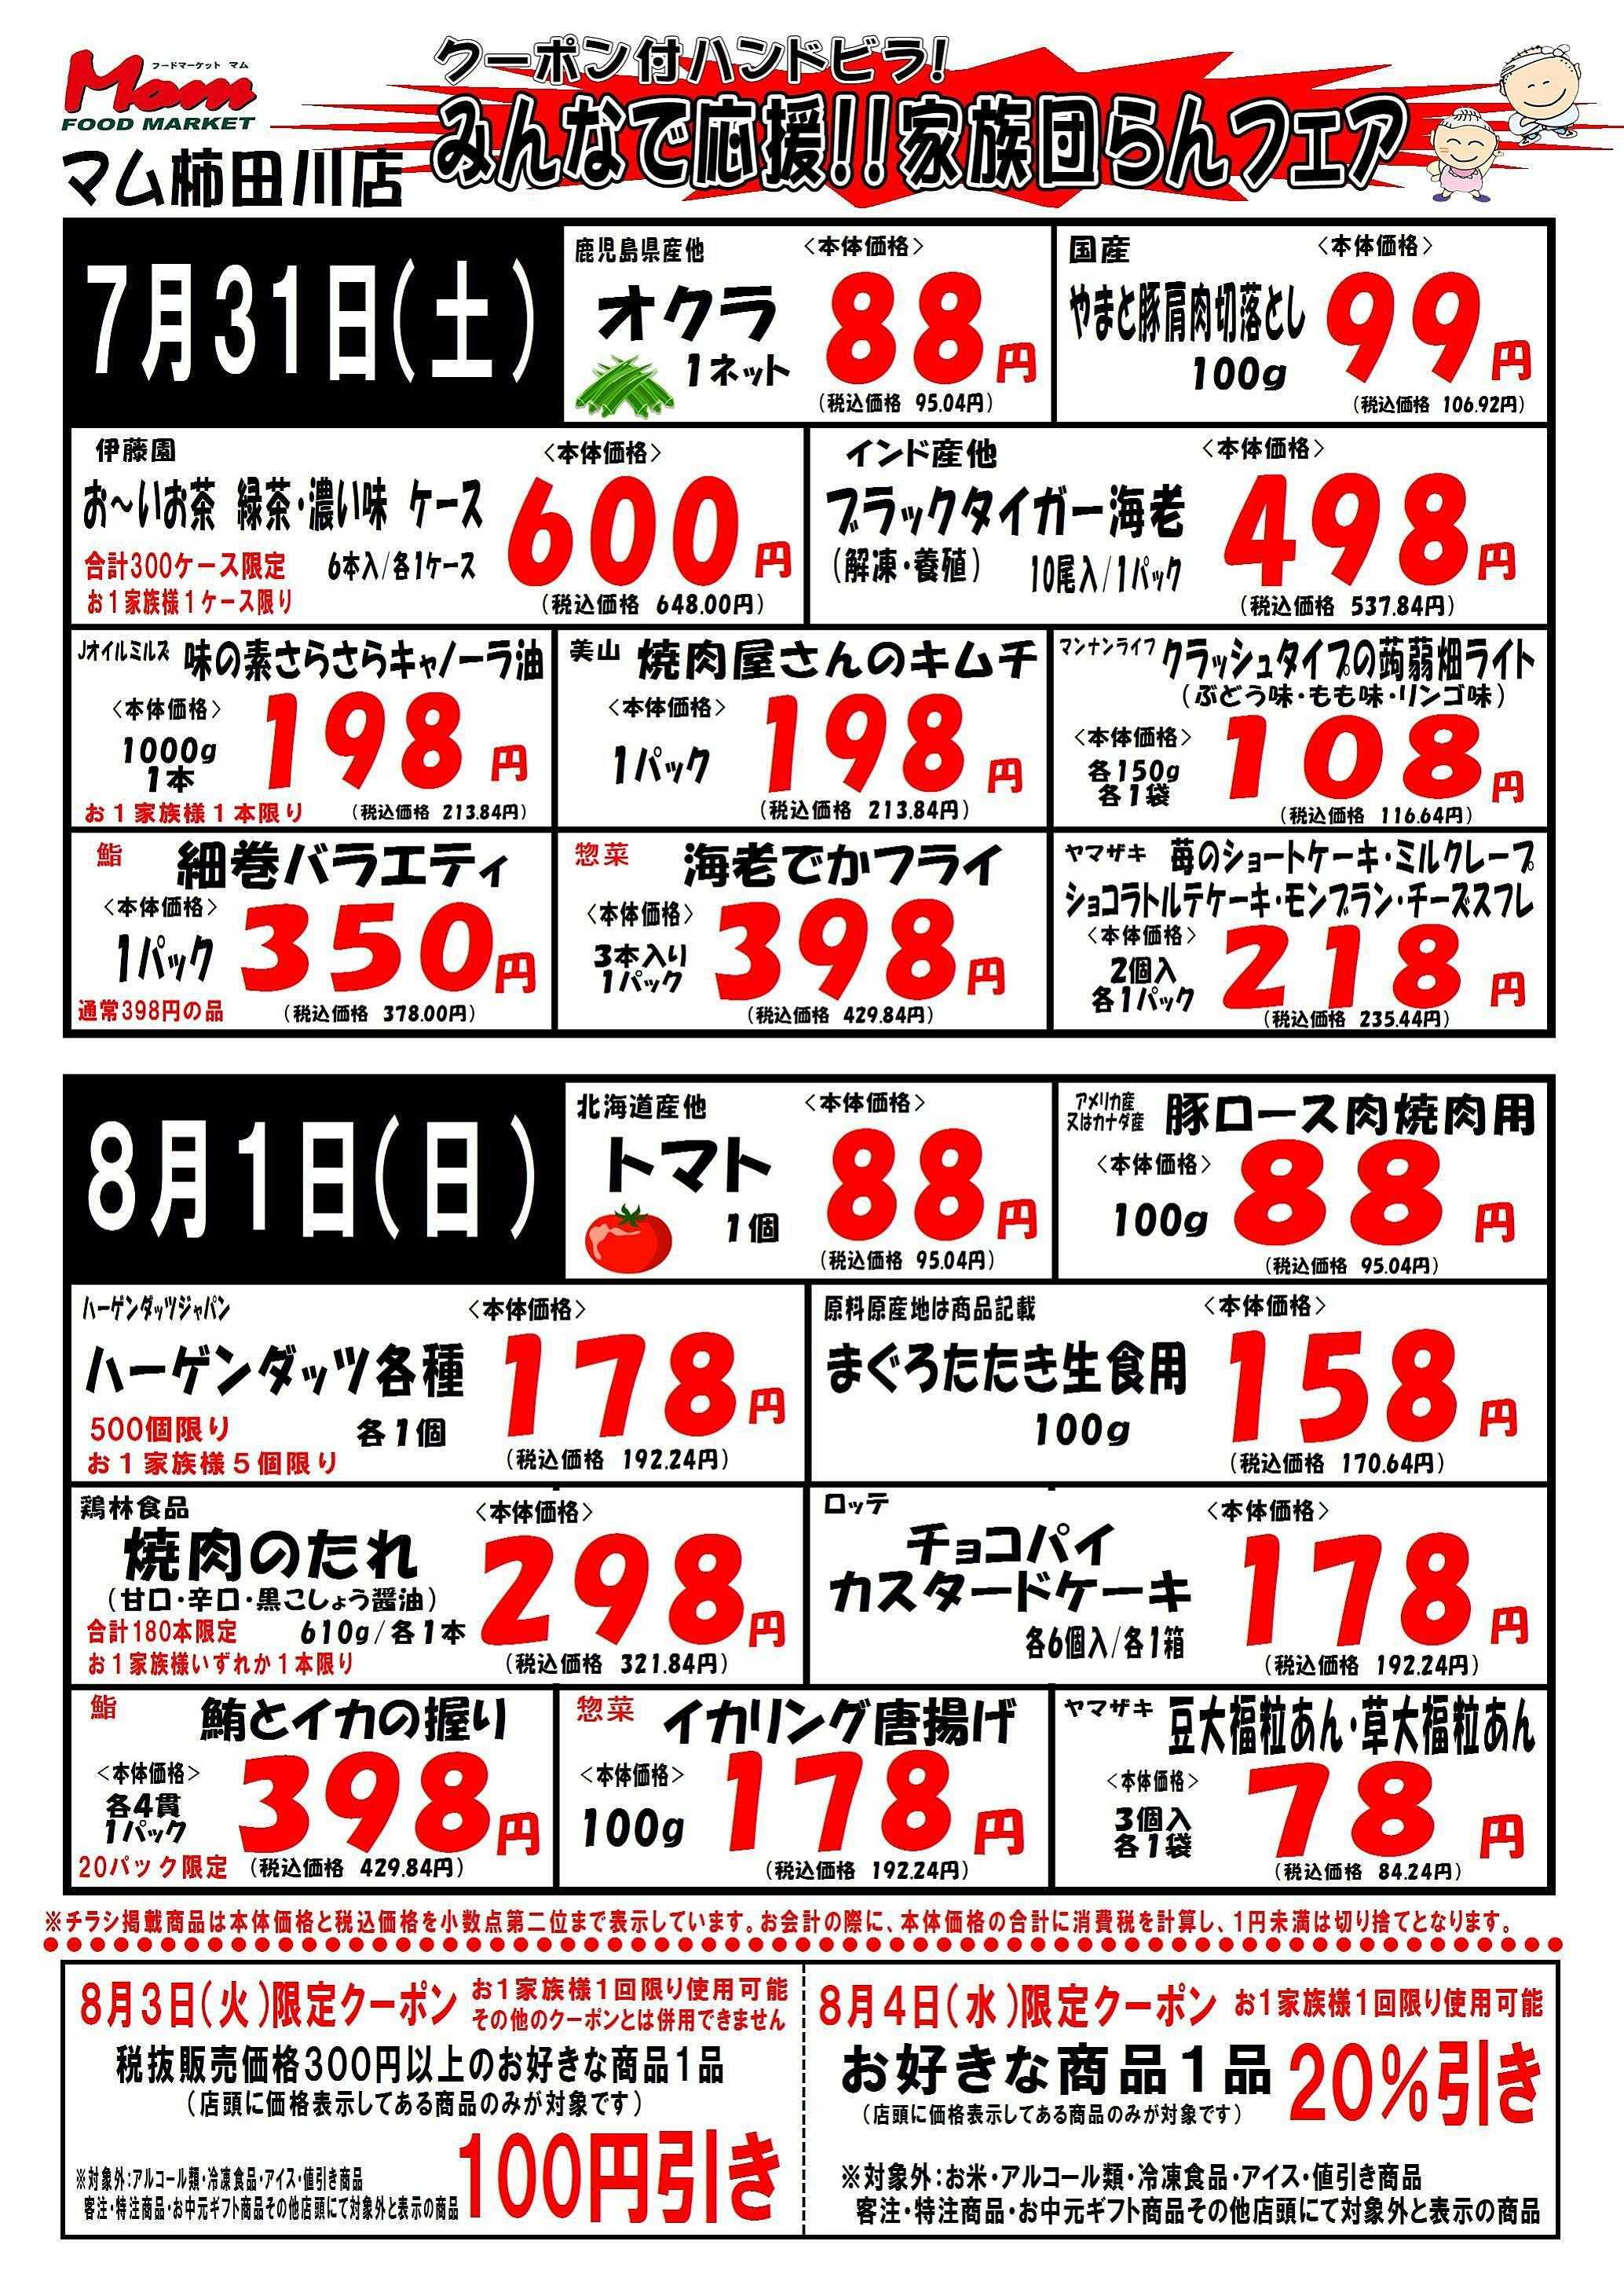 フードマーケット マム 柿田川みんなで応援!家族団らんフェアおもて